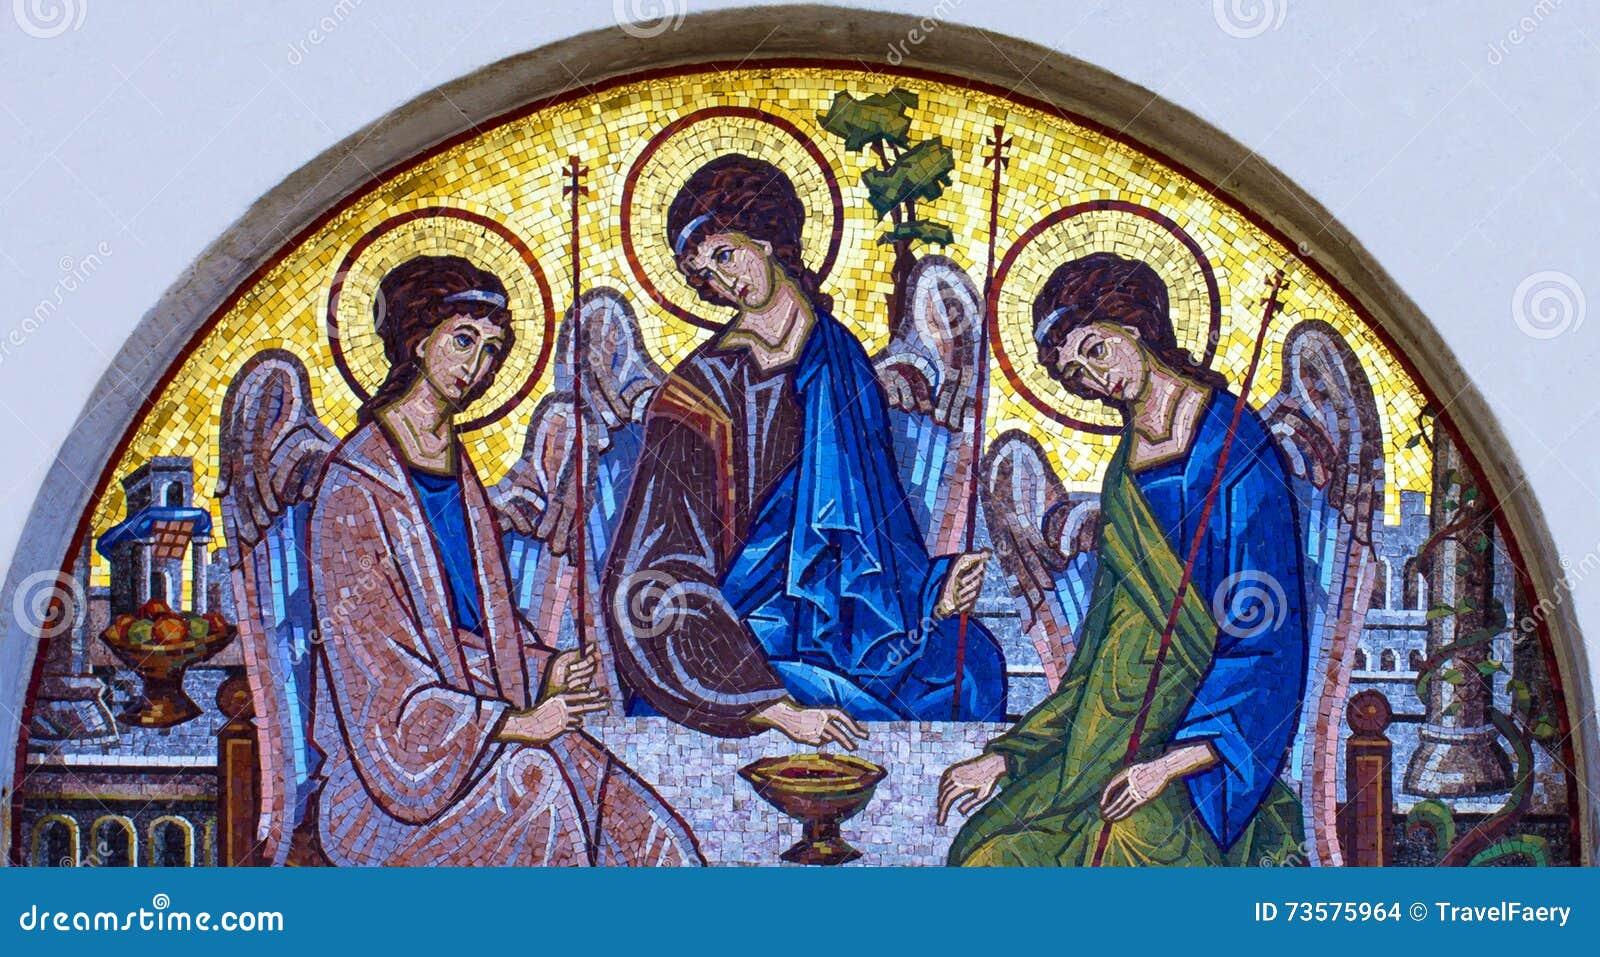 Mosaikikone der Heiliger Dreifaltigkeit in der orthodoxen Kirche, Budva, Montenegr